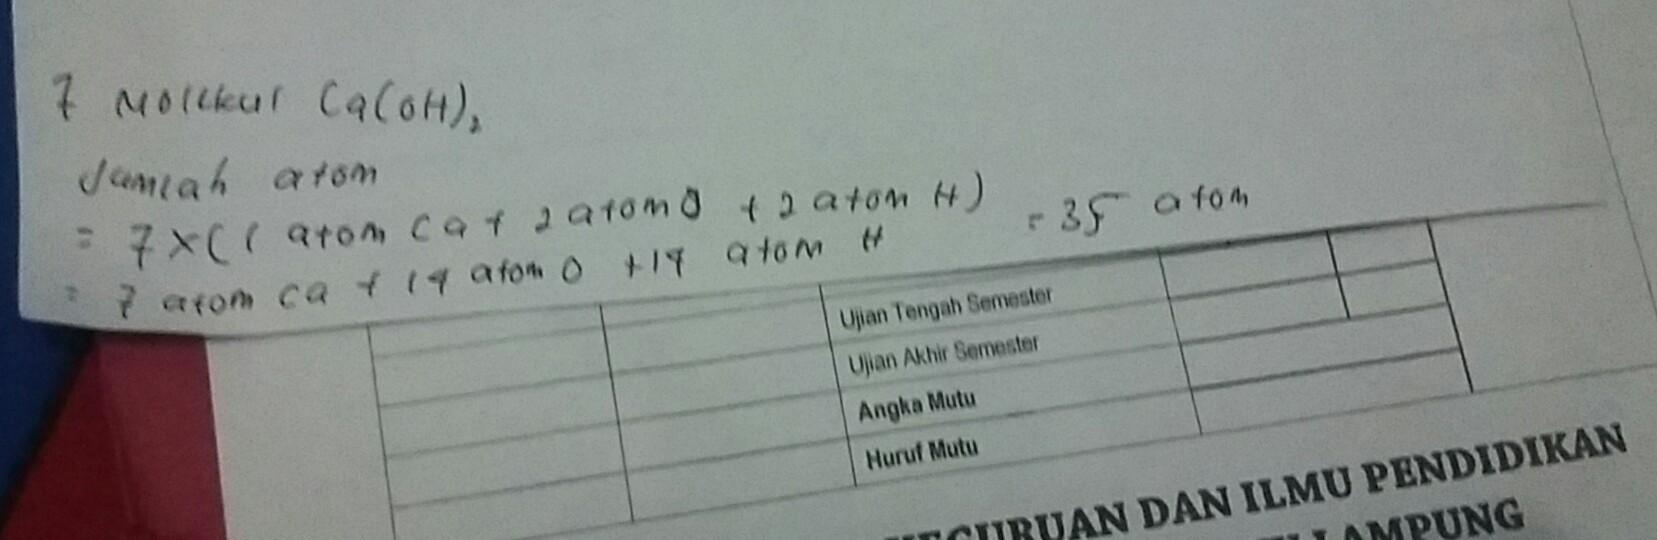 Jumlah atom dalam 7 molekul Ca (OH )2 adalah...atom ...